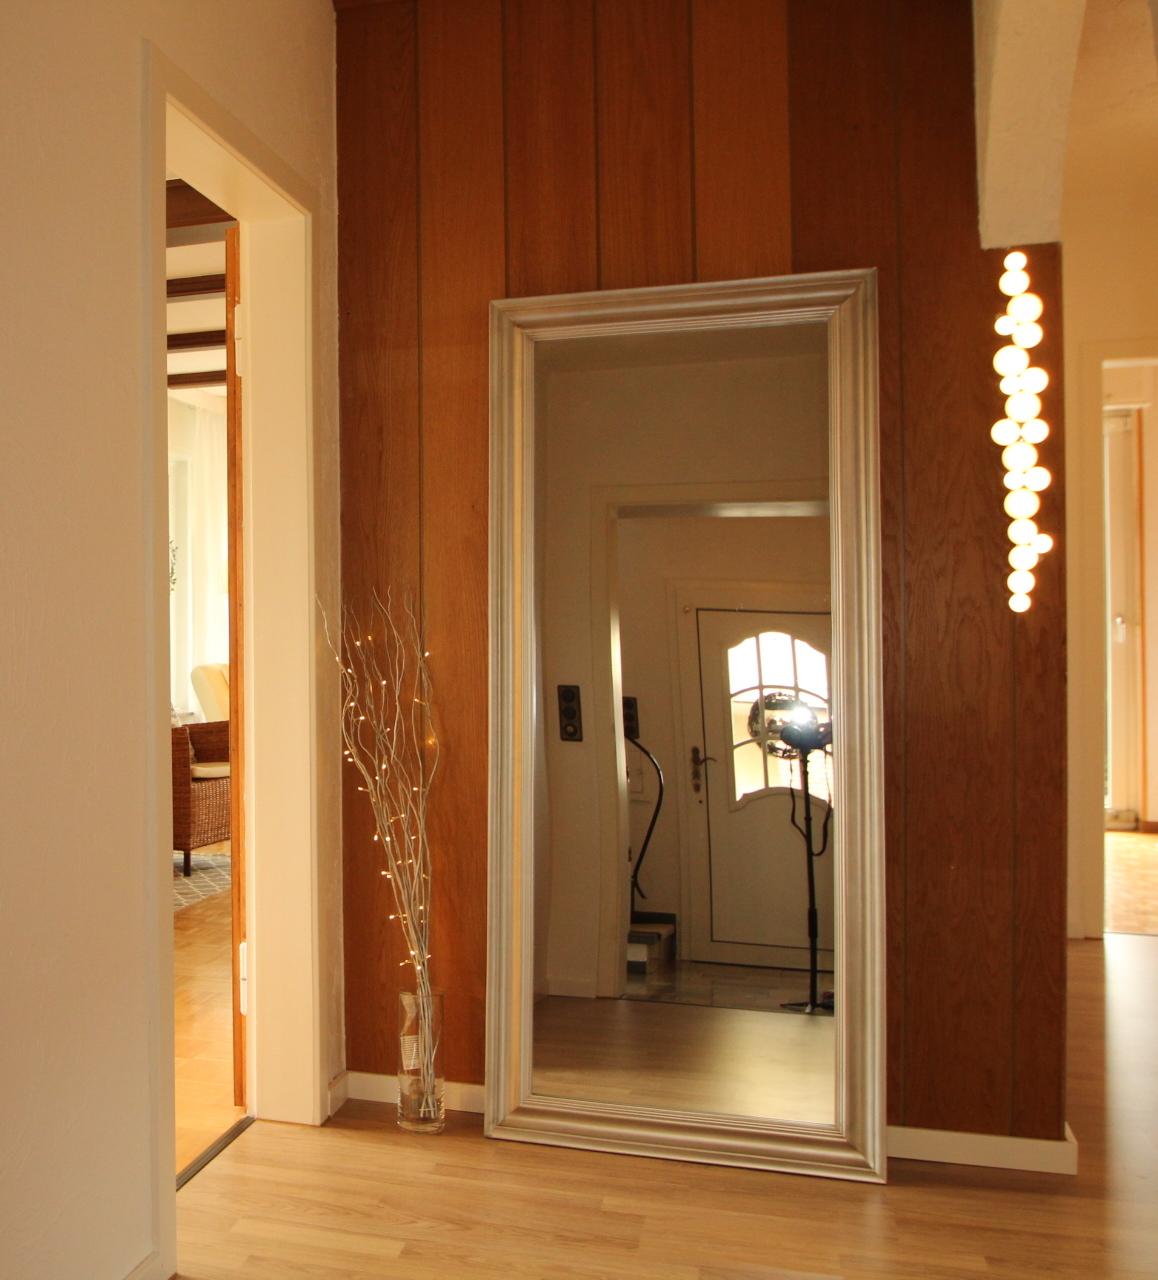 Flur mit großem Spiegel und IKEA Lampe